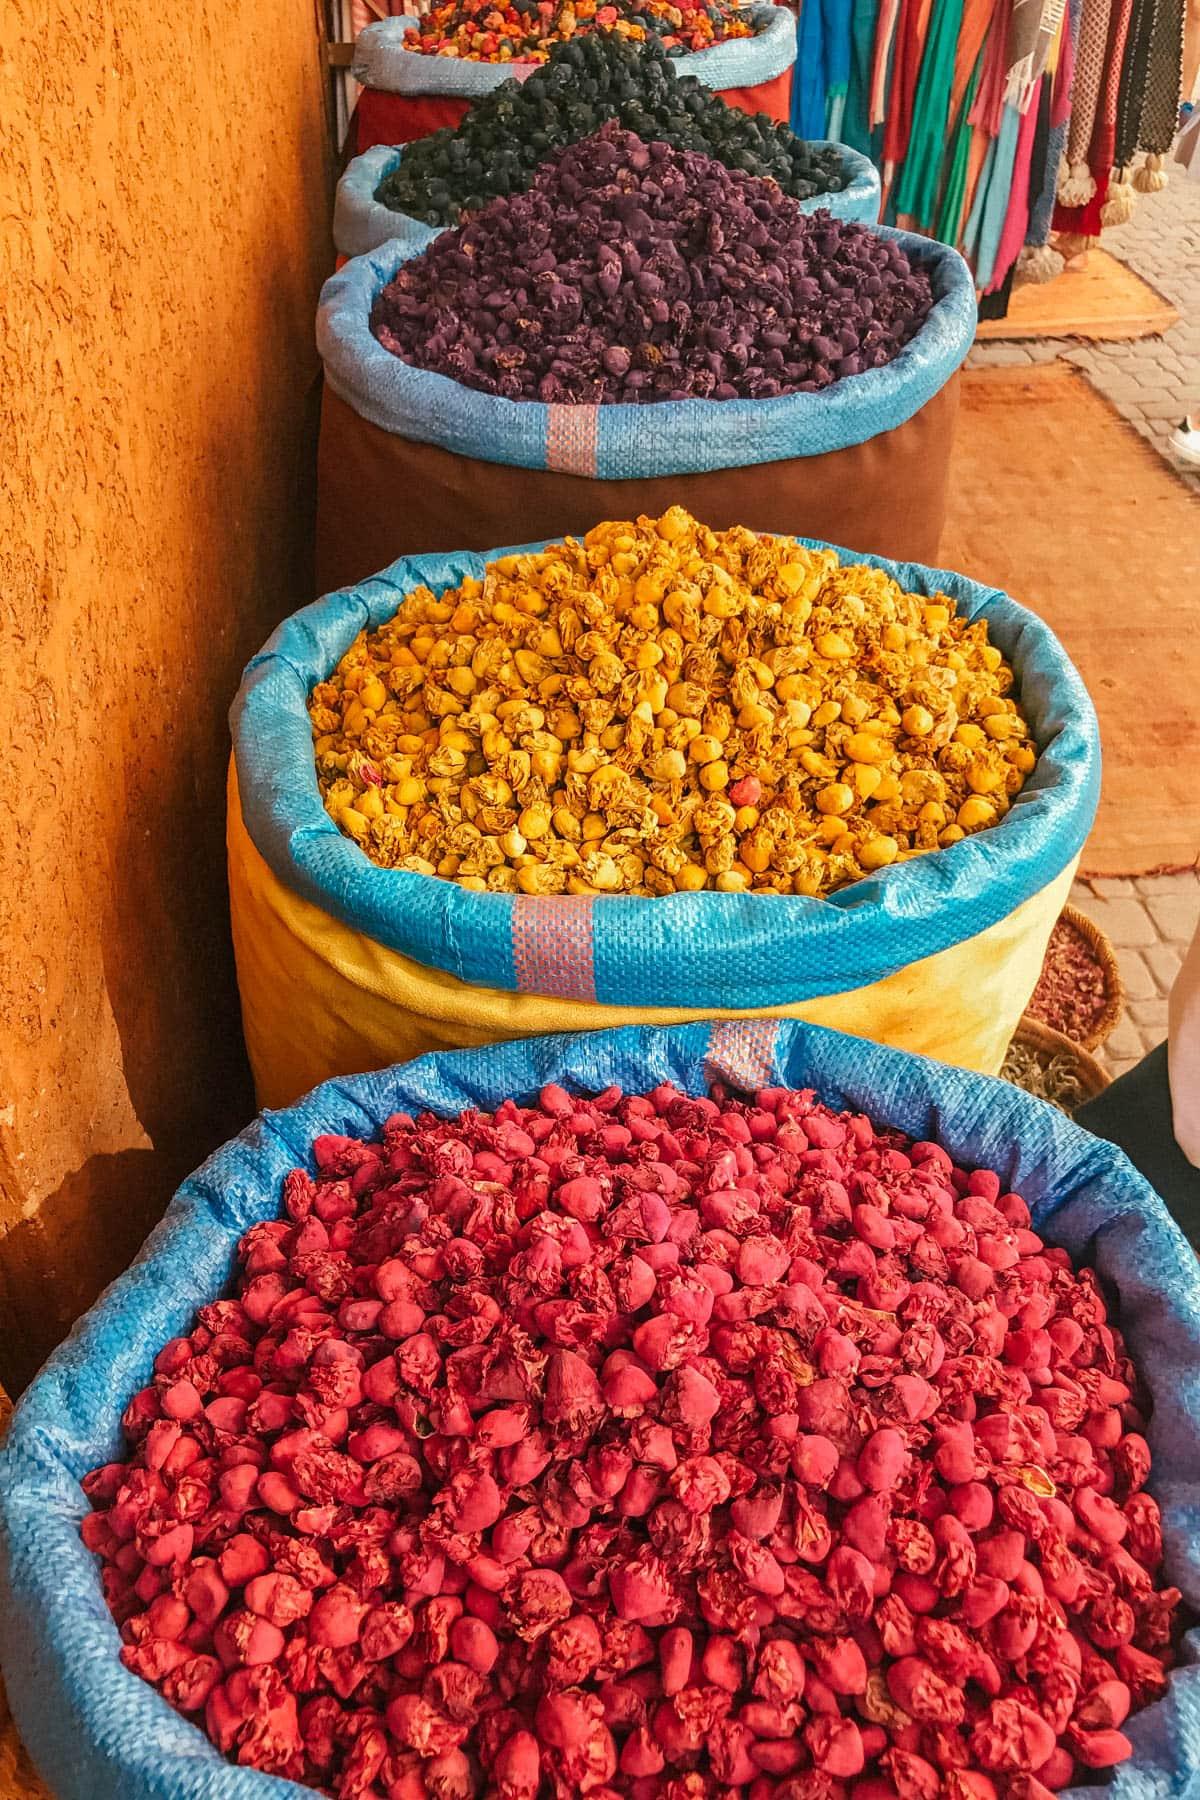 Urlaub in Marokko: Die 10 schönsten Fotospots in Marrakesch